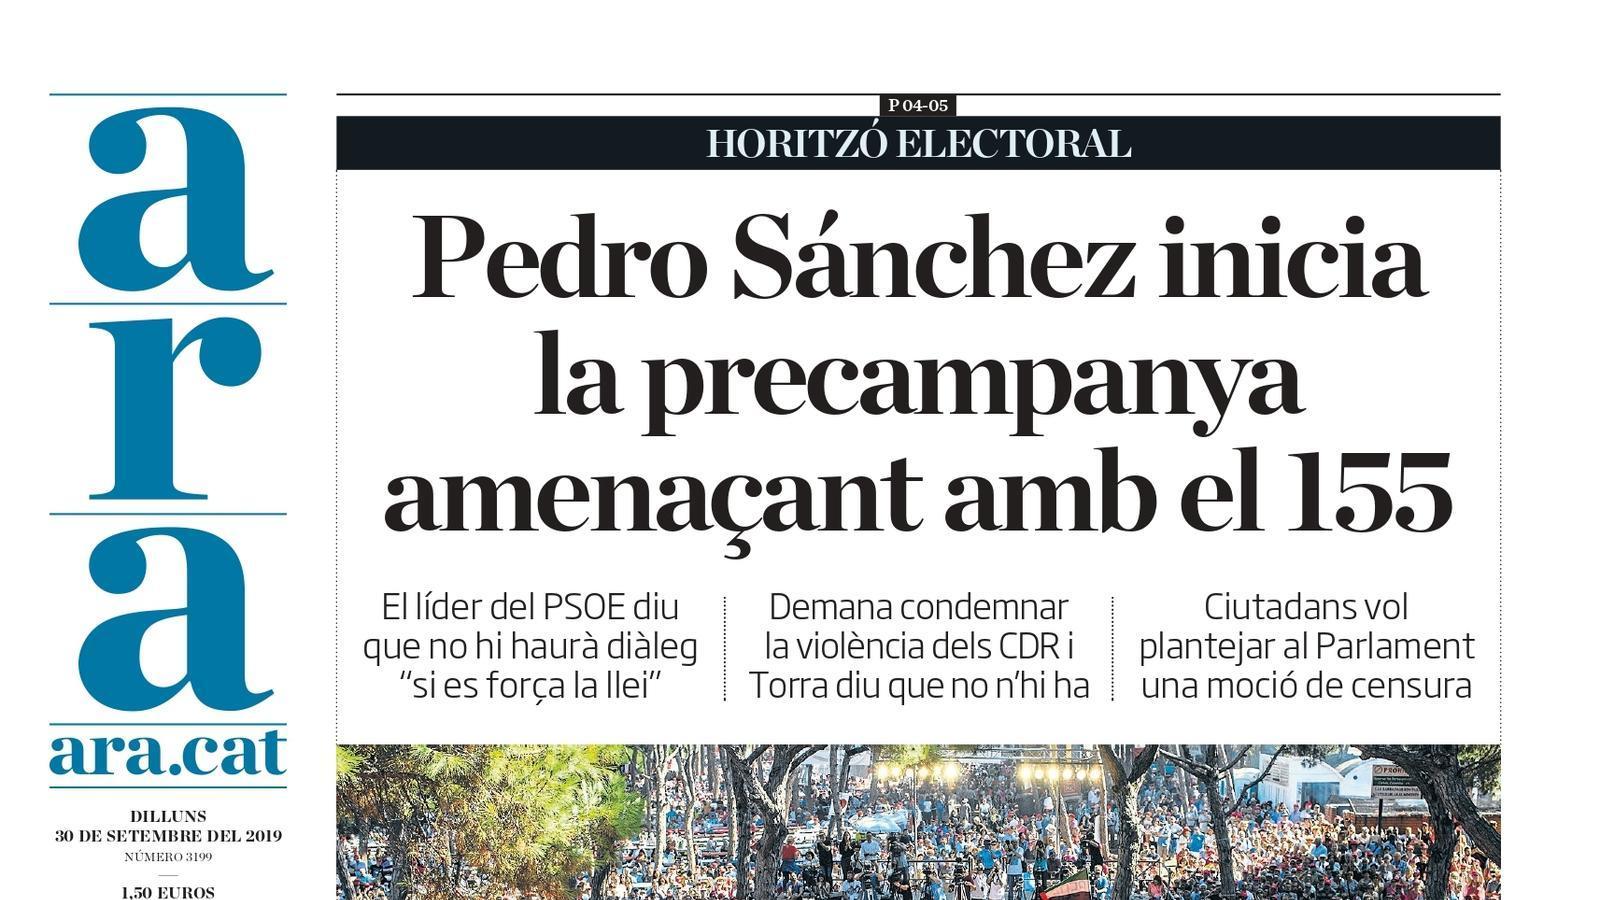 """""""Pedro Sánchez inicia la precampanya amenaçant amb el 115"""", portada de l'ARA"""